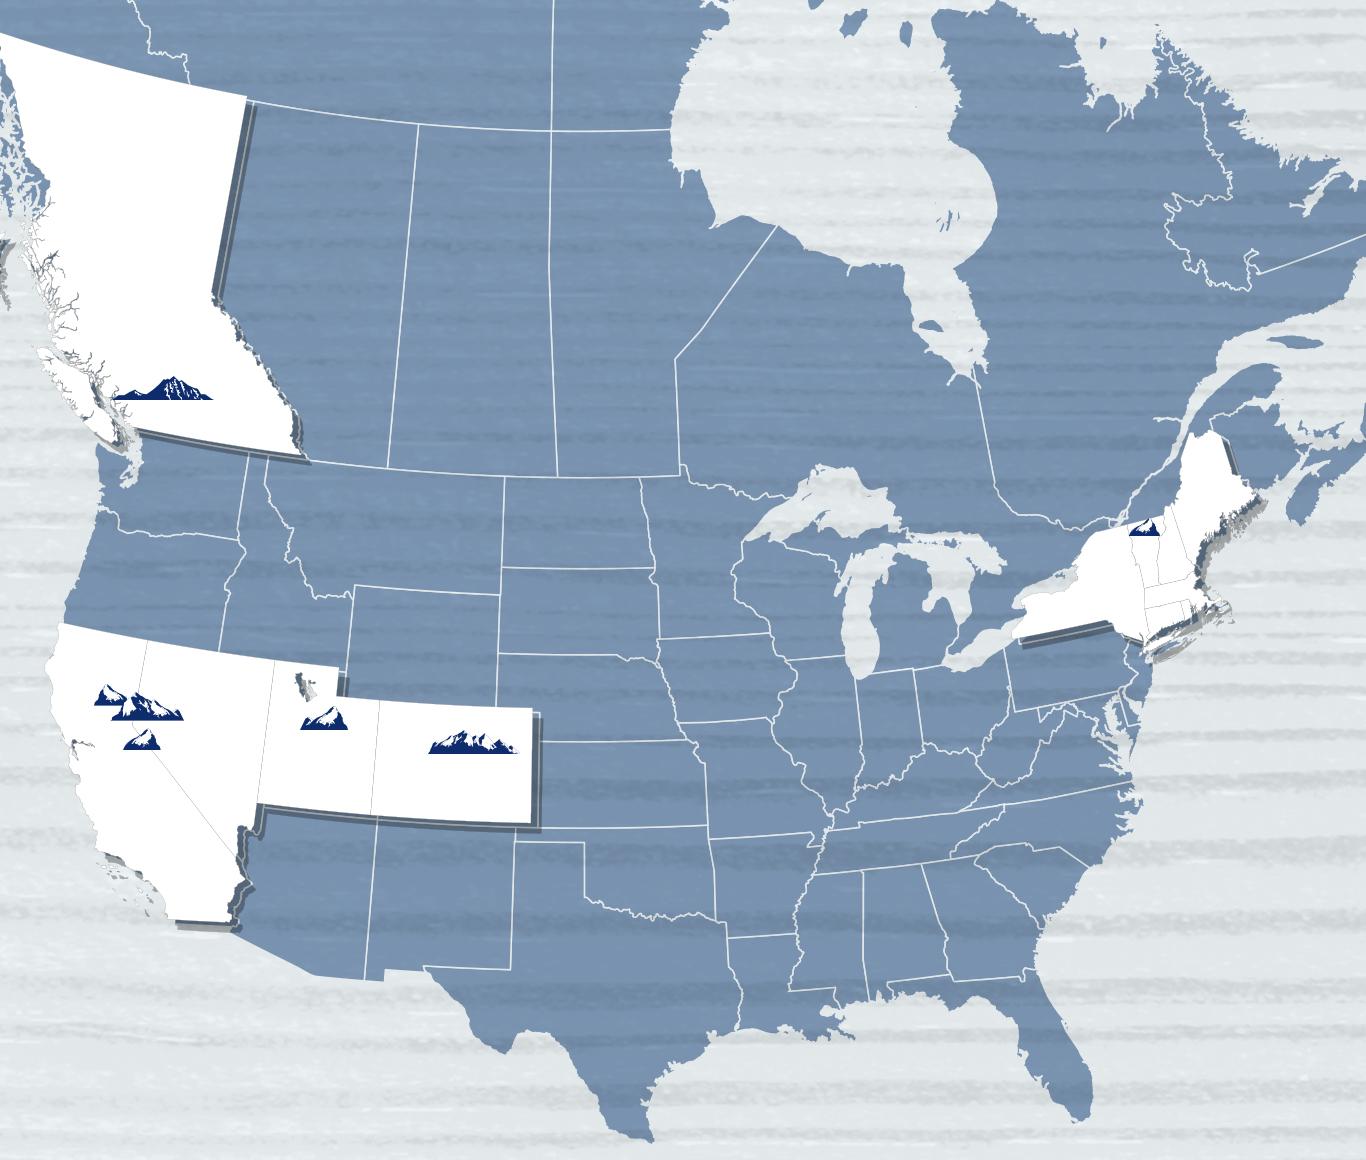 wwwsnowcomAssetsimagescomponentsmapsregion